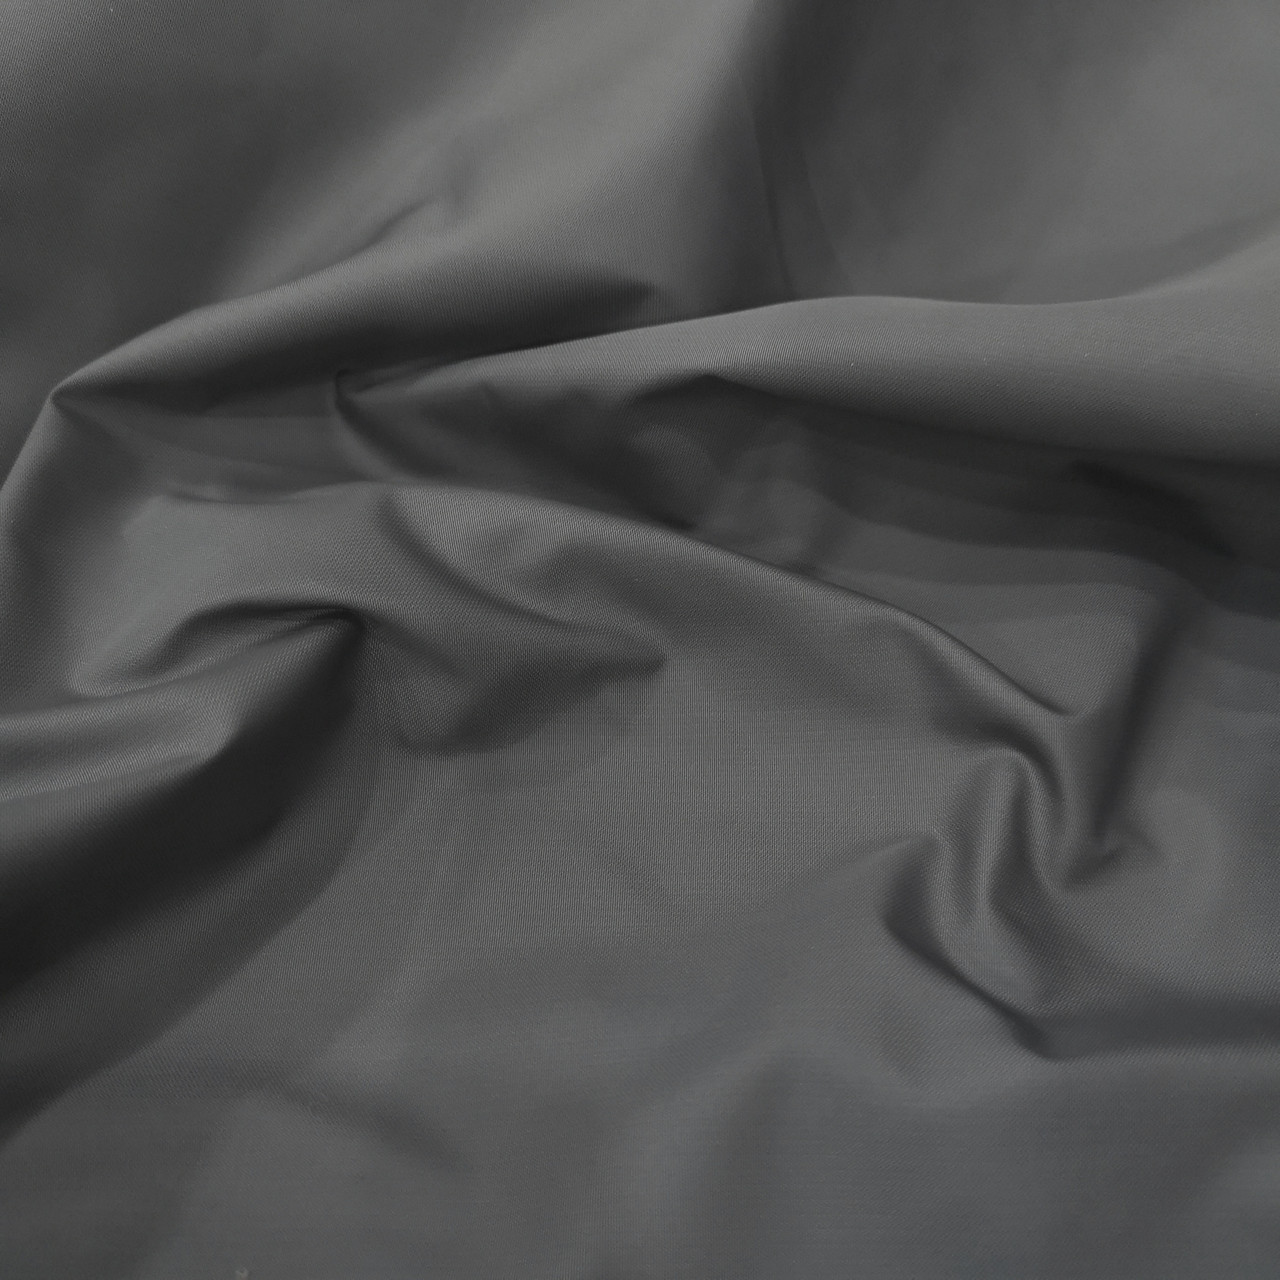 Плащевая ткань канада темно-серая